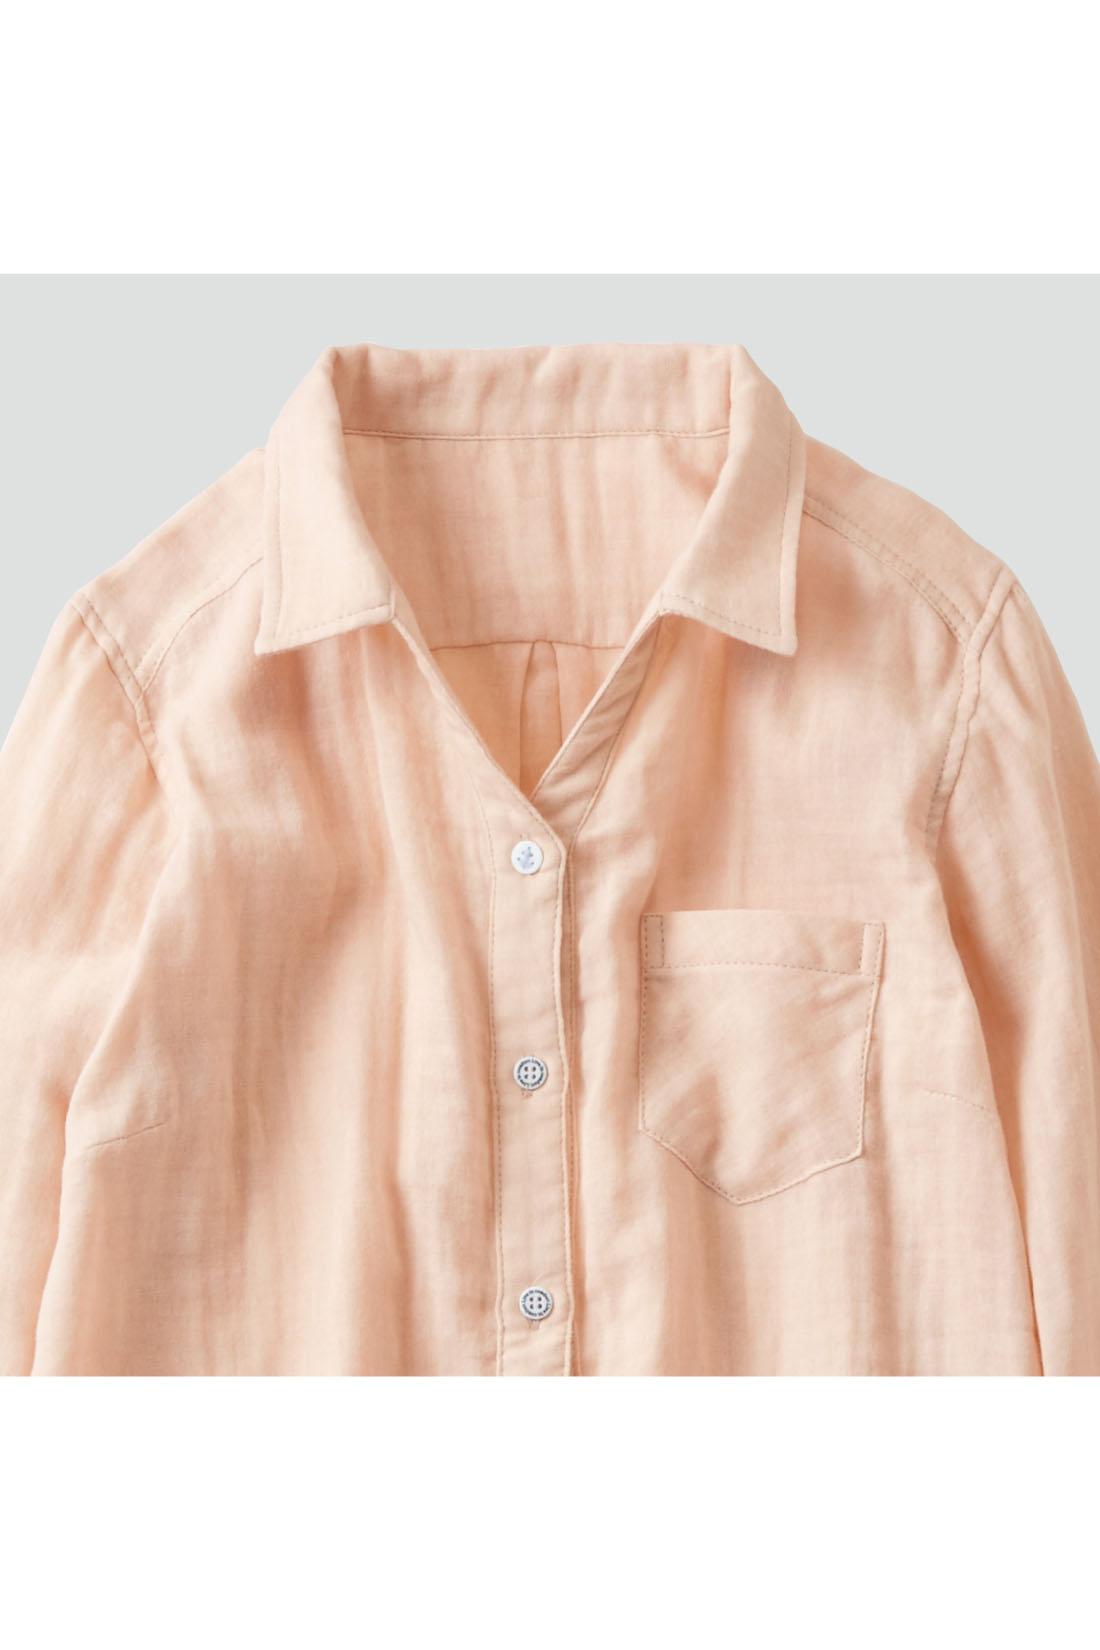 衿ぐりは顔まわりをすっきり見せるスキッパーデザイン。小さめの衿が女性らしさをアピール。 ※お届けするカラーとは異なります。